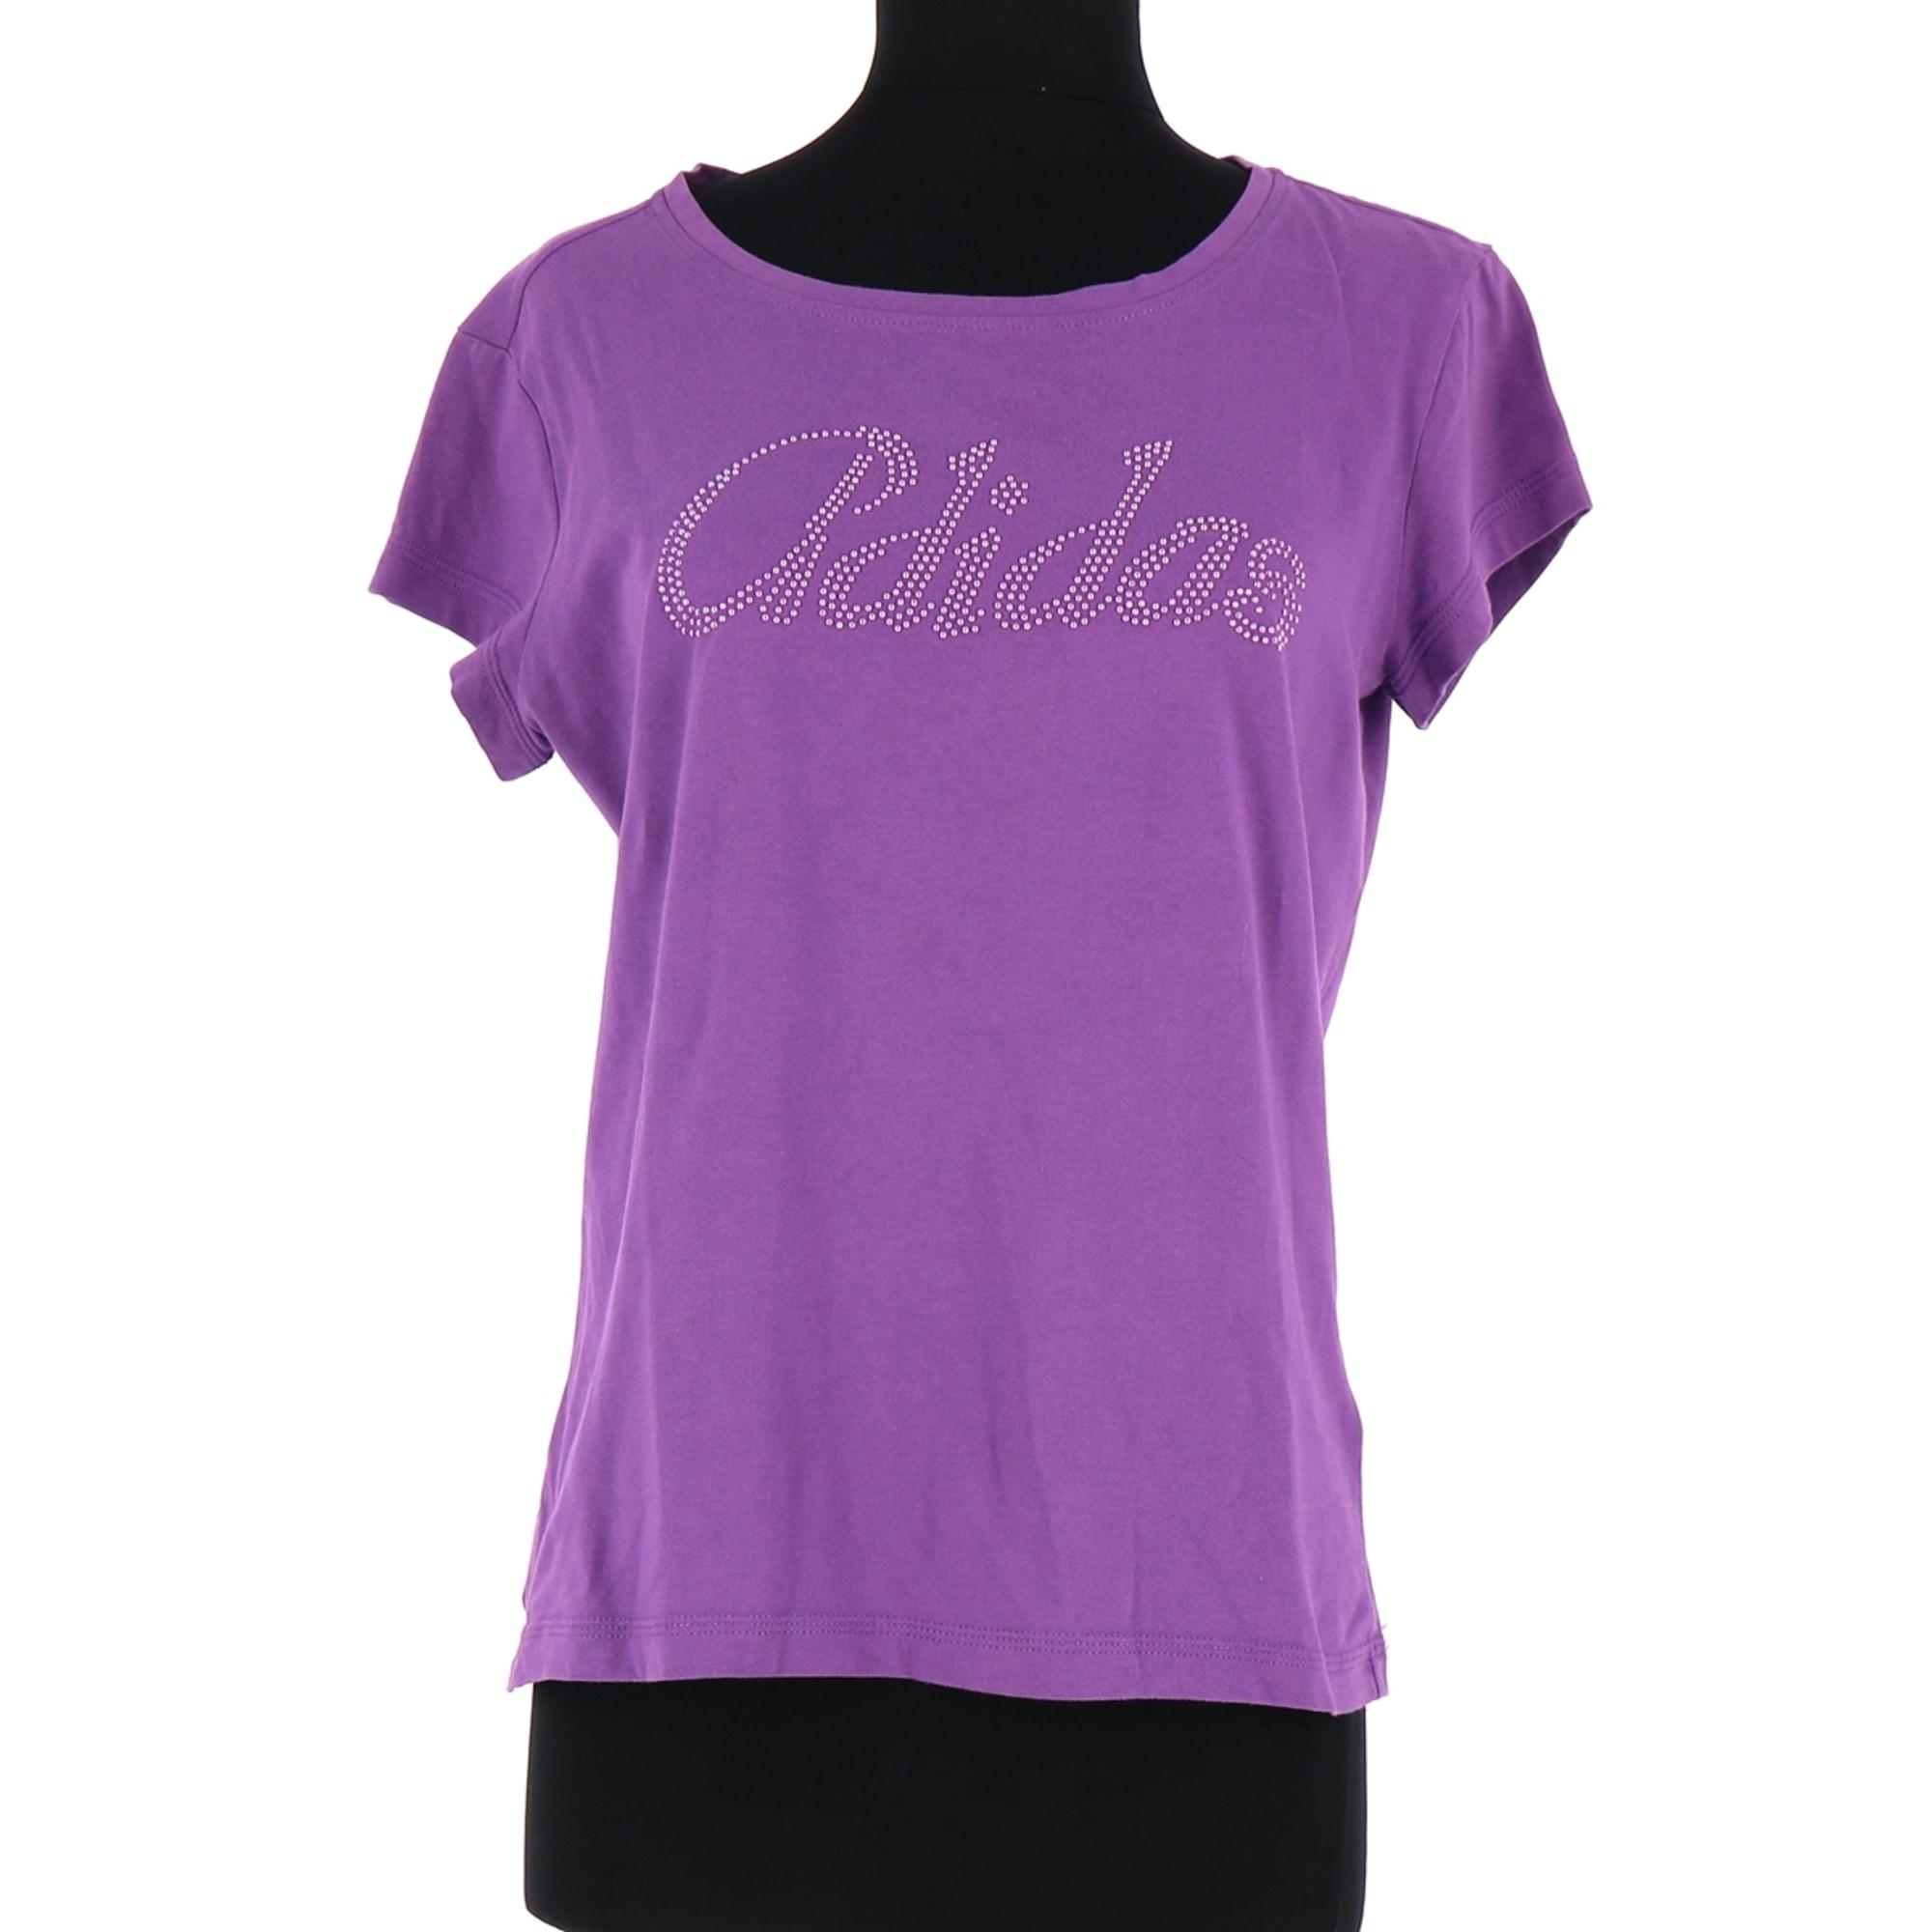 Top, T-shirt ADIDAS Purple, mauve, lavender